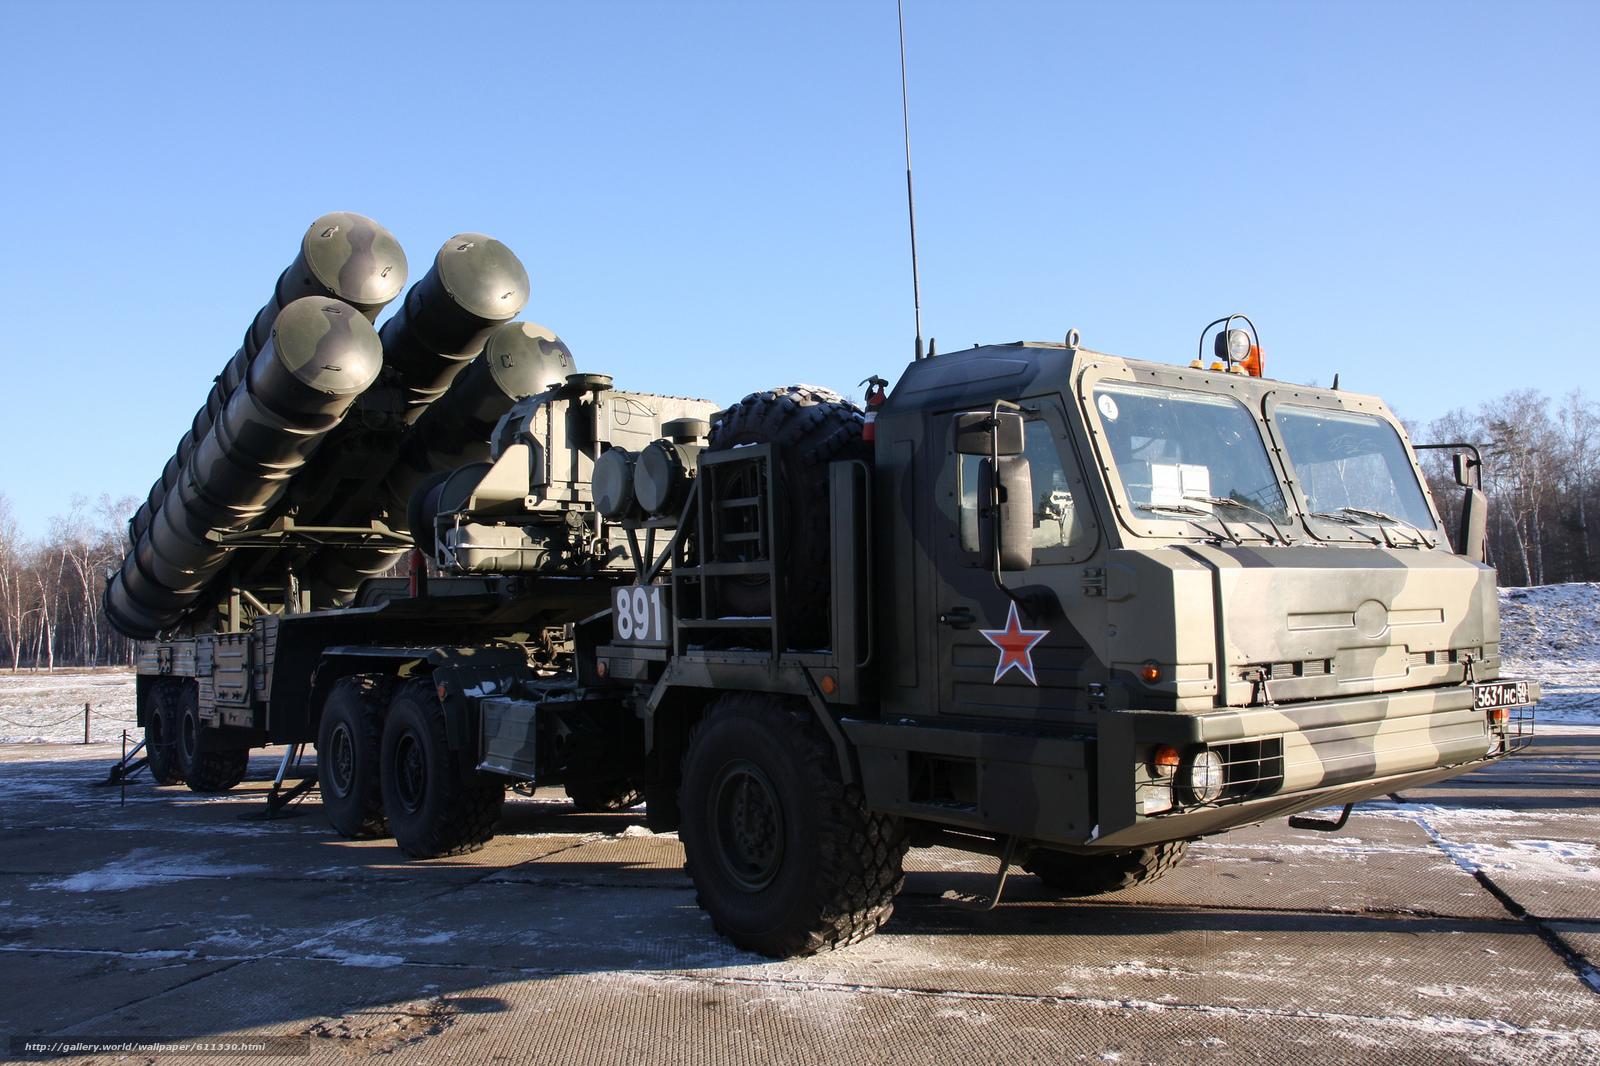 армия, россия, пво, ракетная установка, зрс, с-400, триумф, оружие, оборона